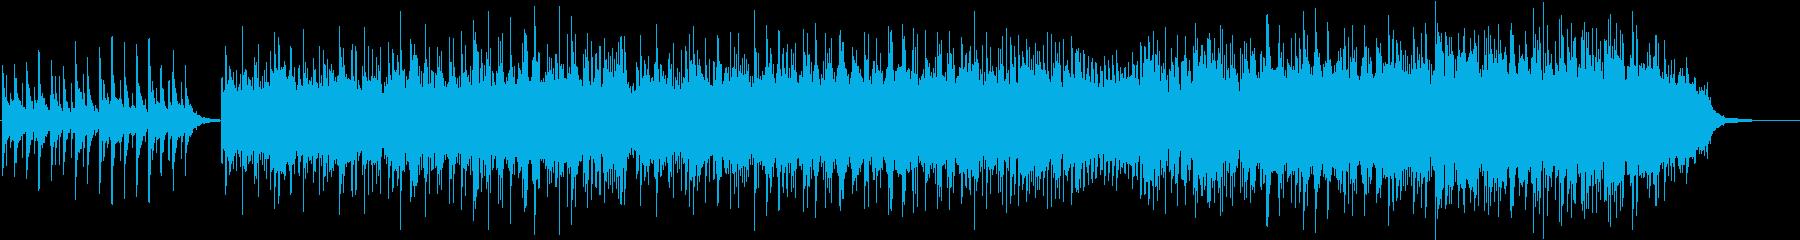 心の中で思い浮かべるピアノメロディーの再生済みの波形